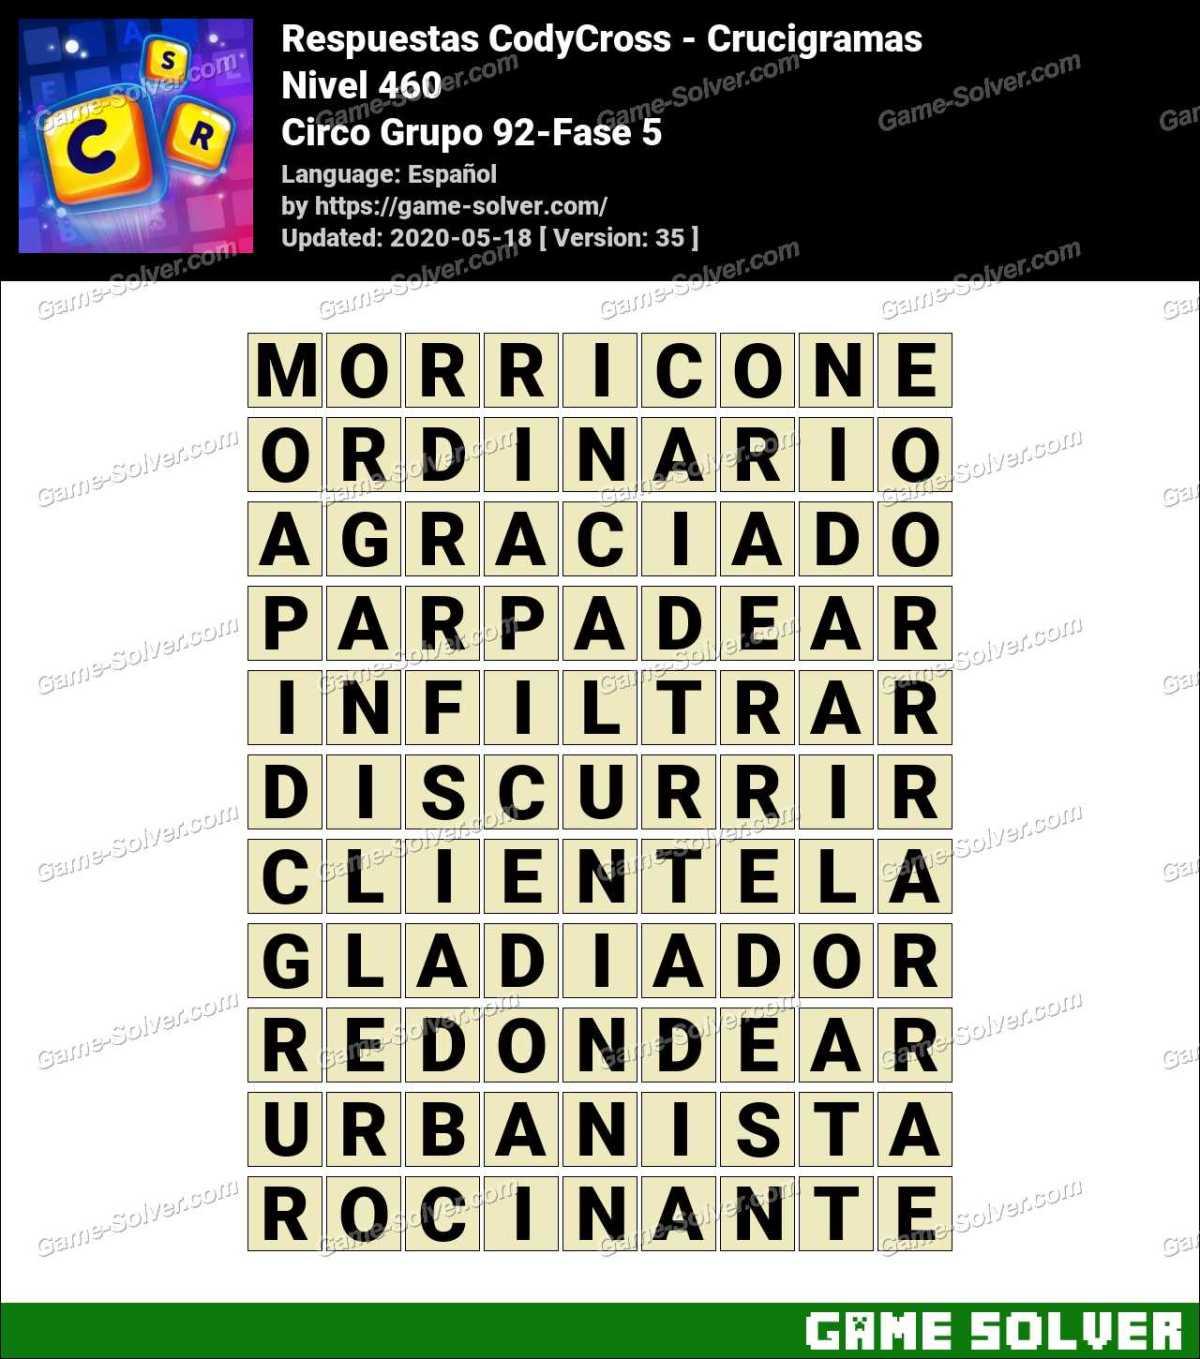 Respuestas CodyCross Circo Grupo 92-Fase 5